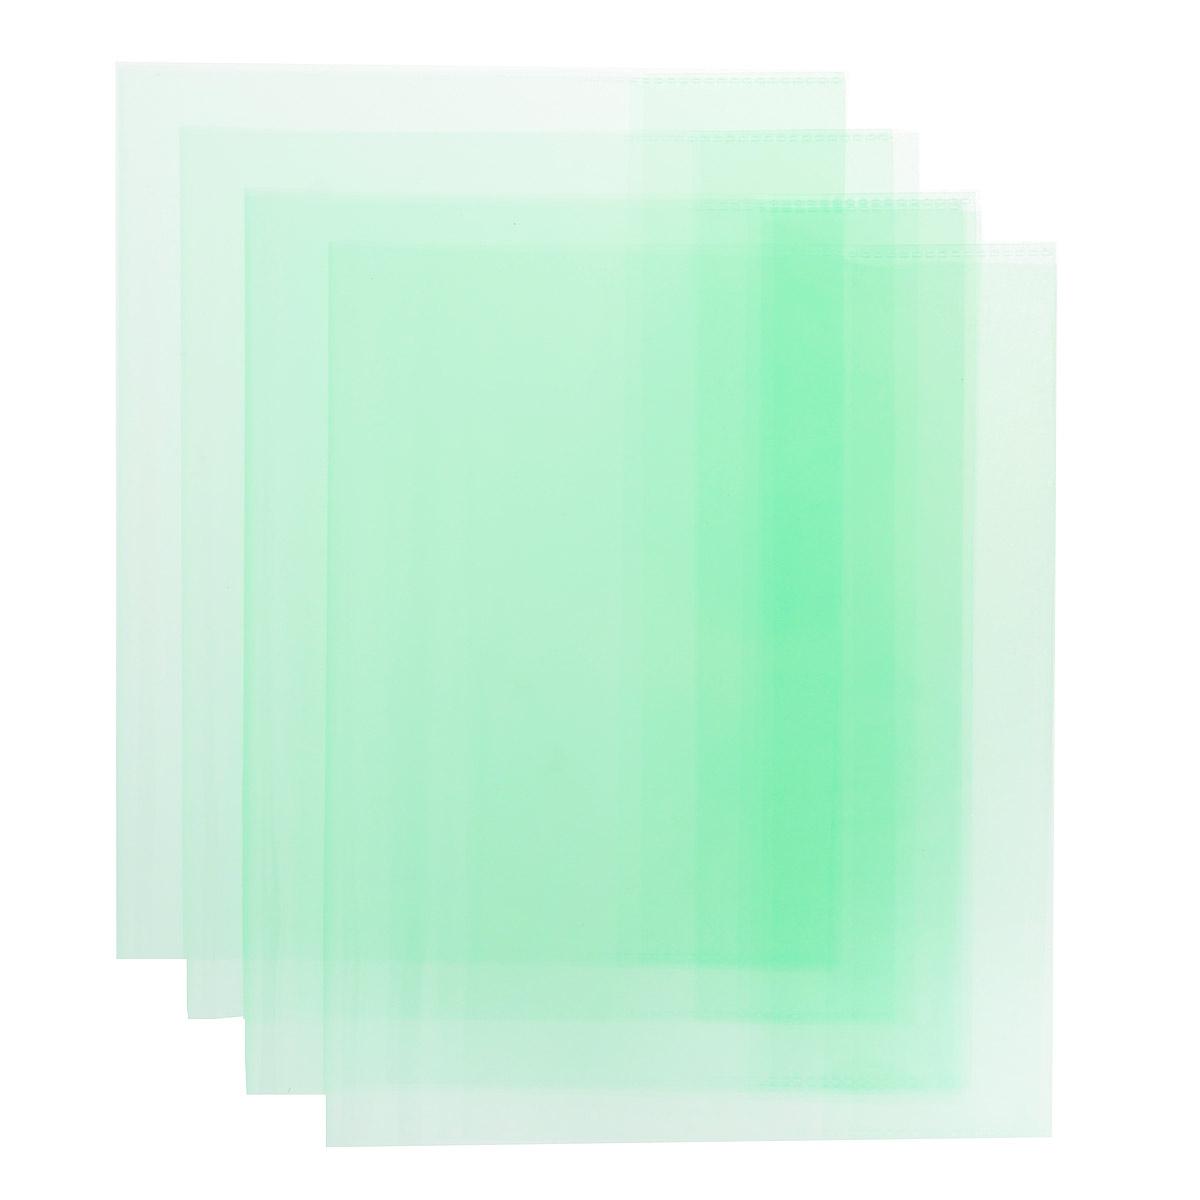 """Набор цветных обложек для тетрадей и дневников """"Action"""" предназначены для защиты тетрадей, дневников от пыли, грязи и механических повреждений. Обложки с прозрачными клапанами. Рекомендовано для детей старше трех лет."""